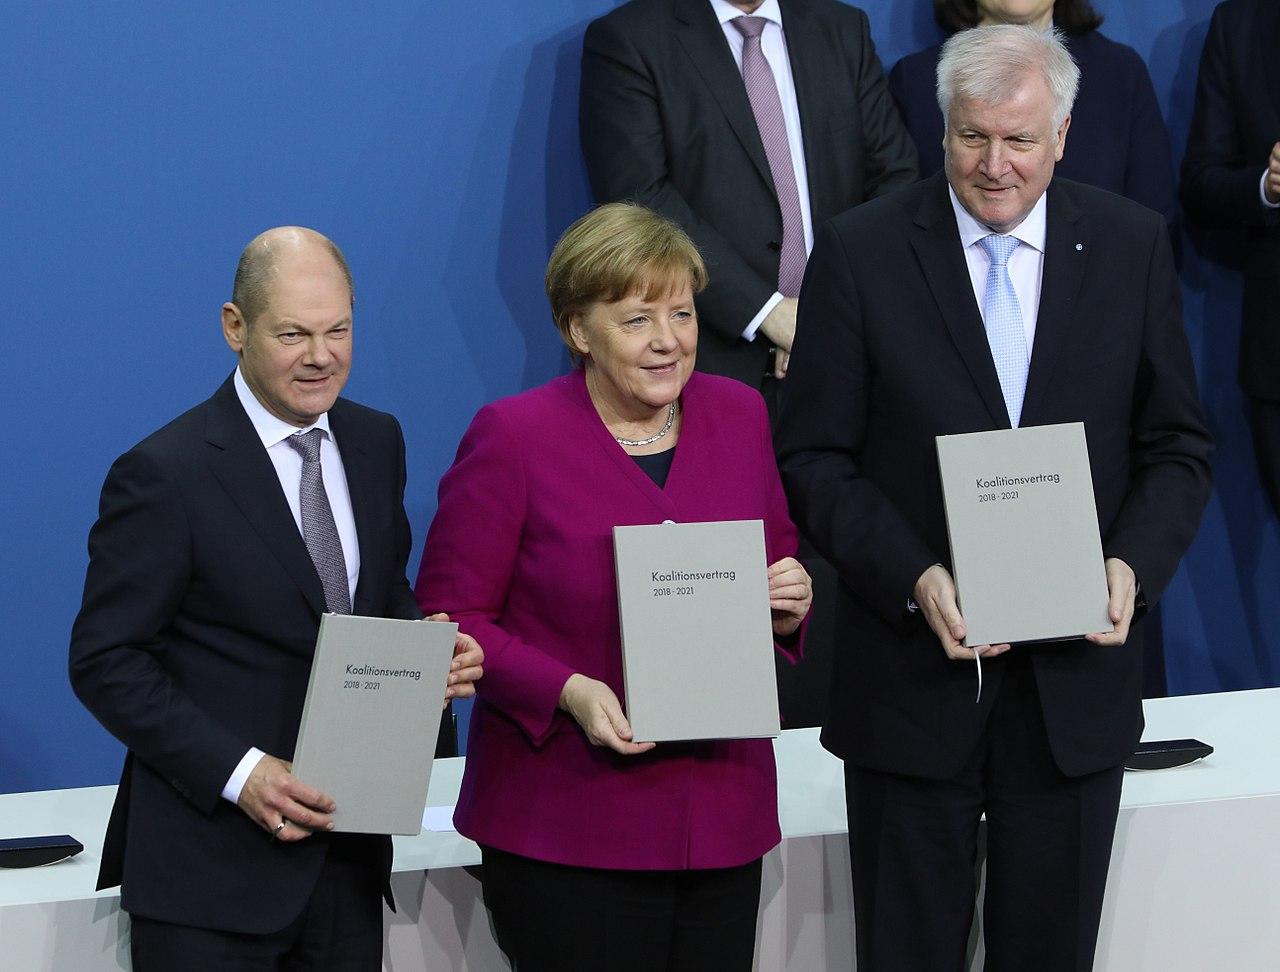 Unterschrift des Koalitionsvertrages der 19. Wahlperiode des Bundestages am 12. März 2018 im Paul-Löbe-Haus